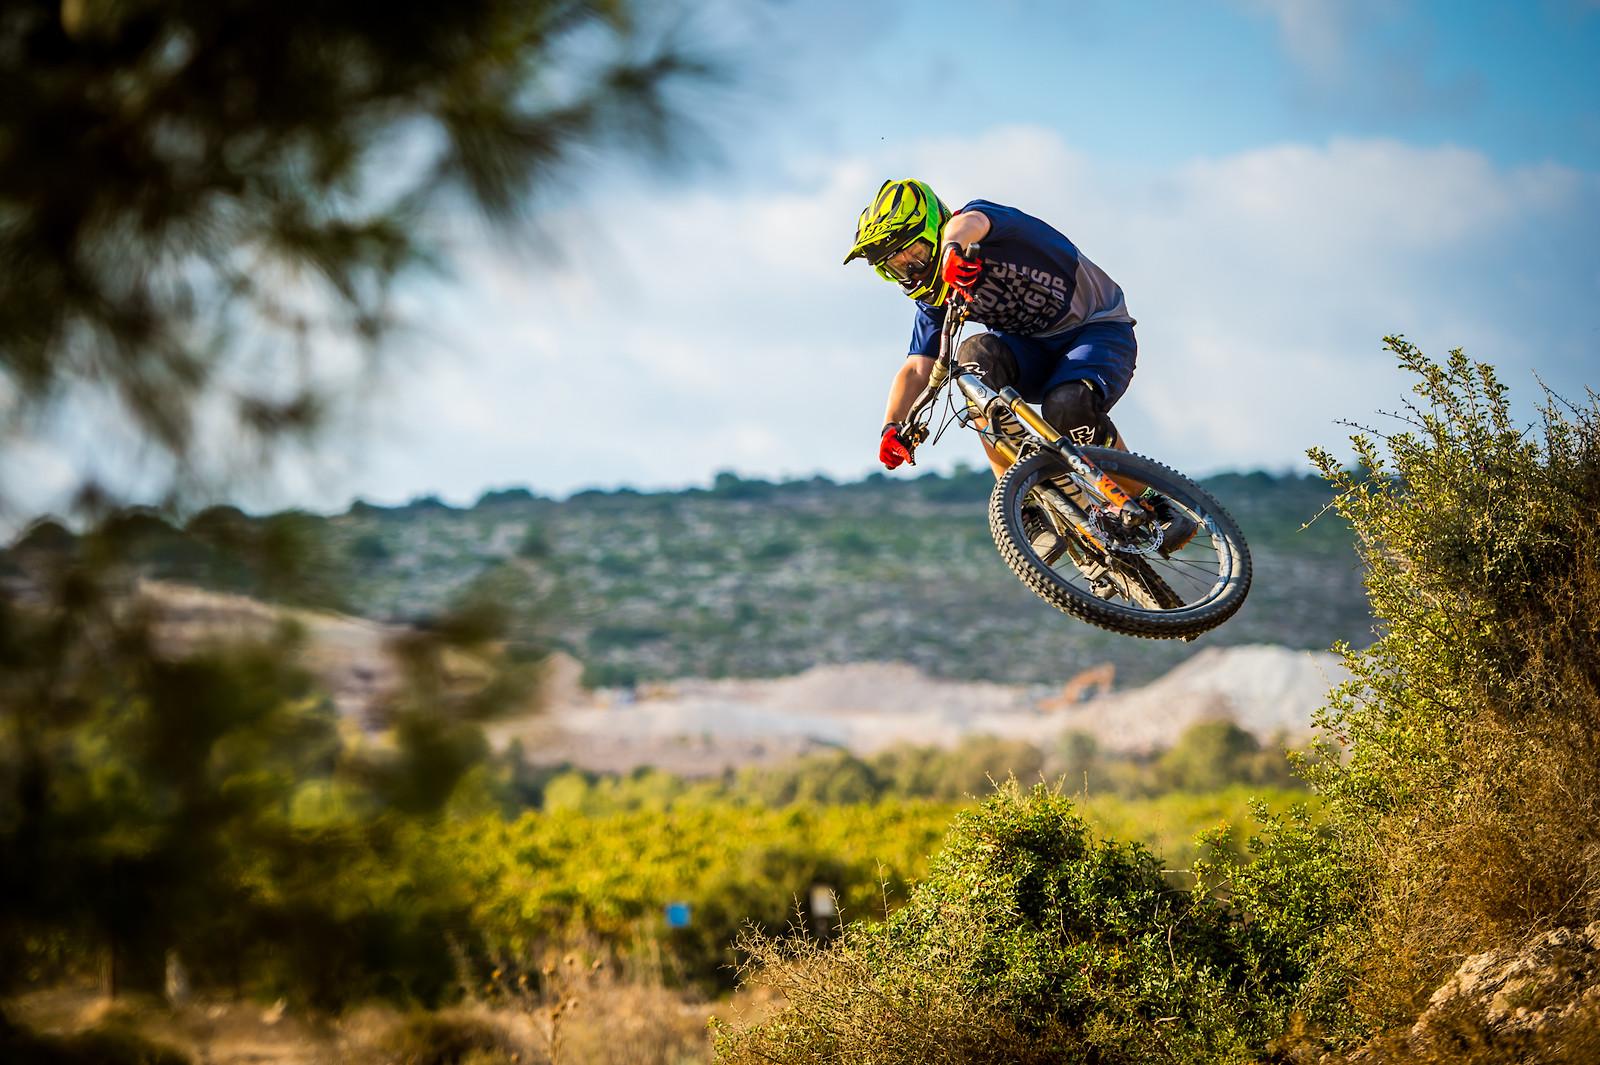 Euro Style - iceman2058 - Mountain Biking Pictures - Vital MTB